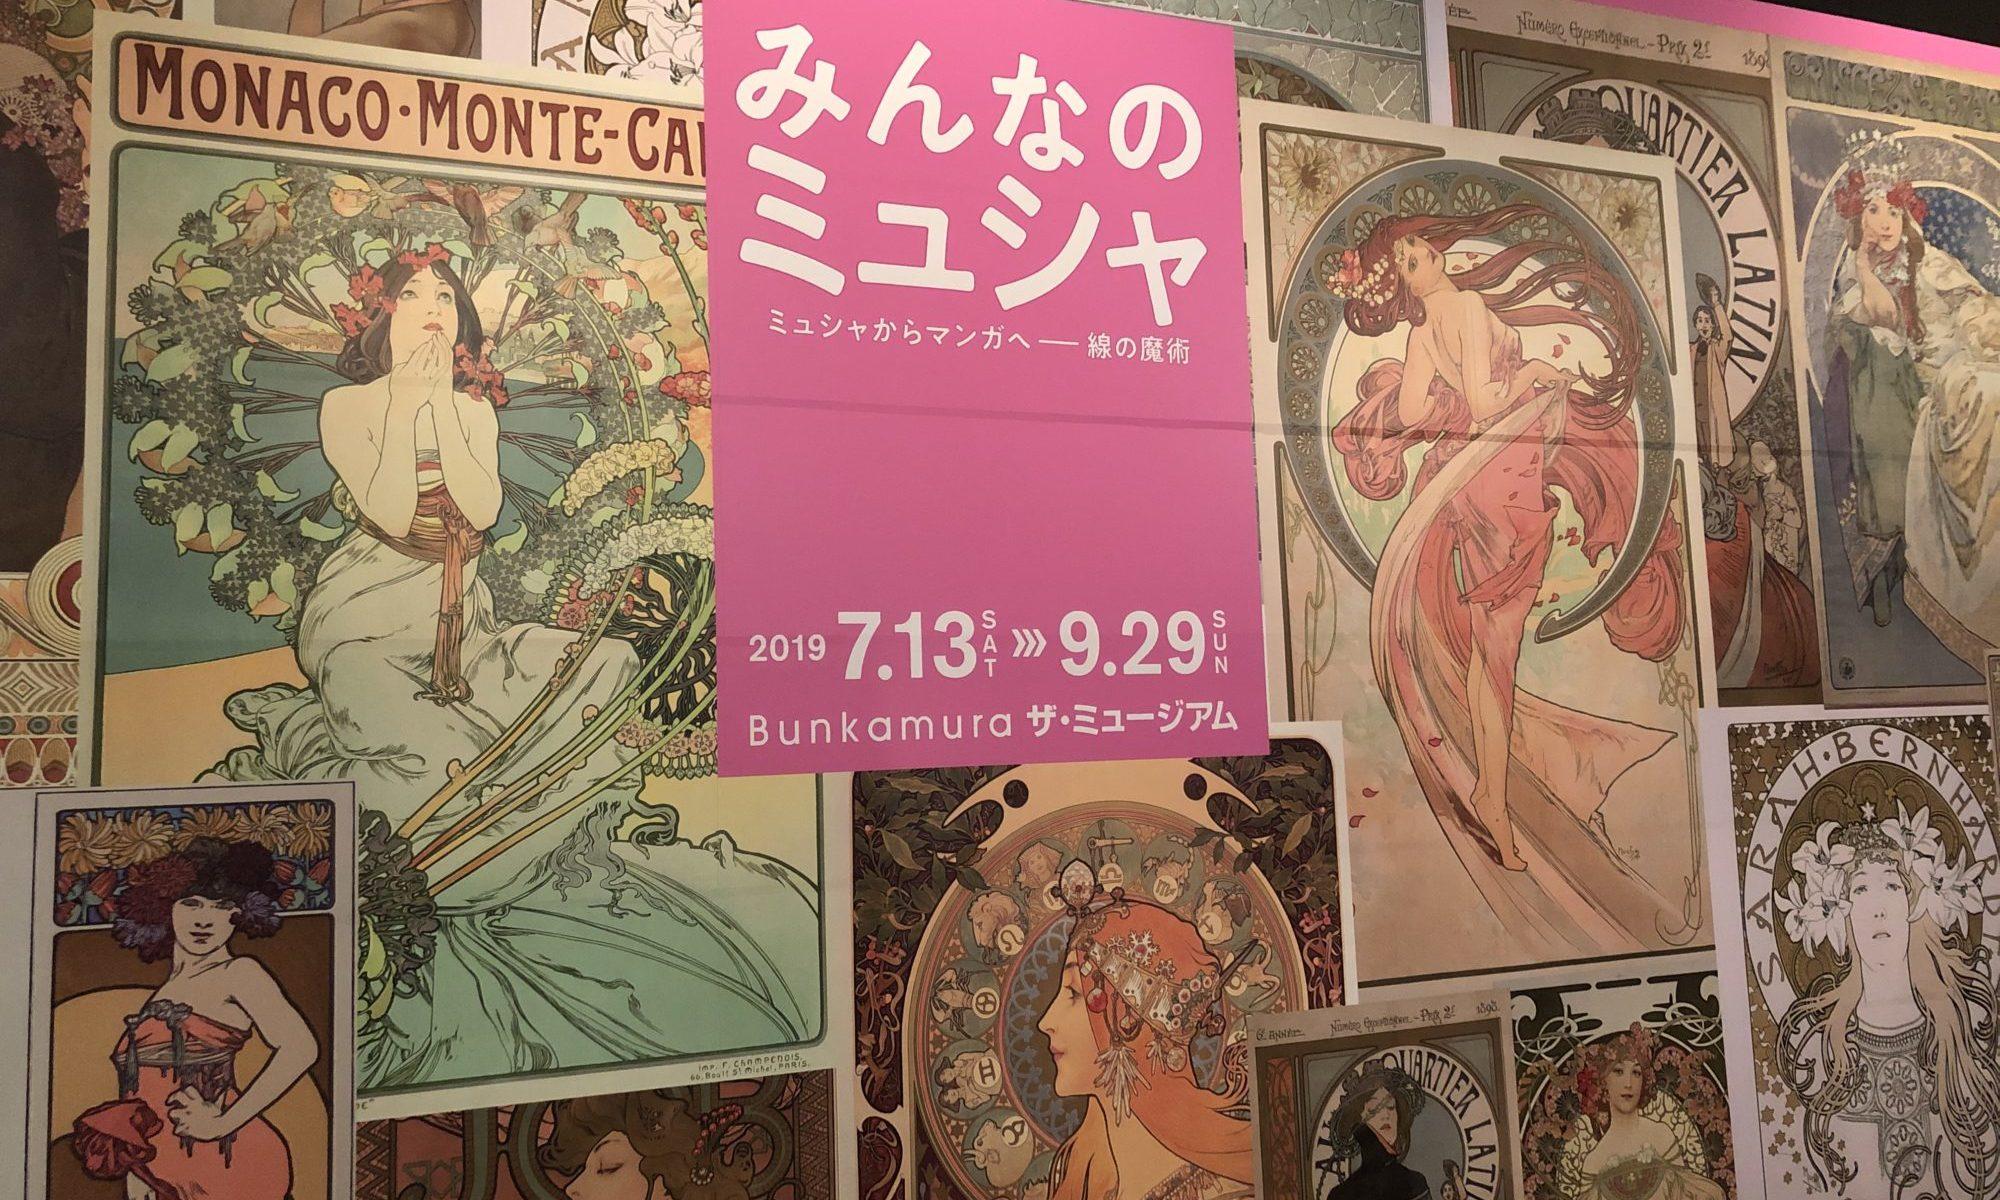 みんなのミュシャ展_Bunkamuraザ・ミュージアム